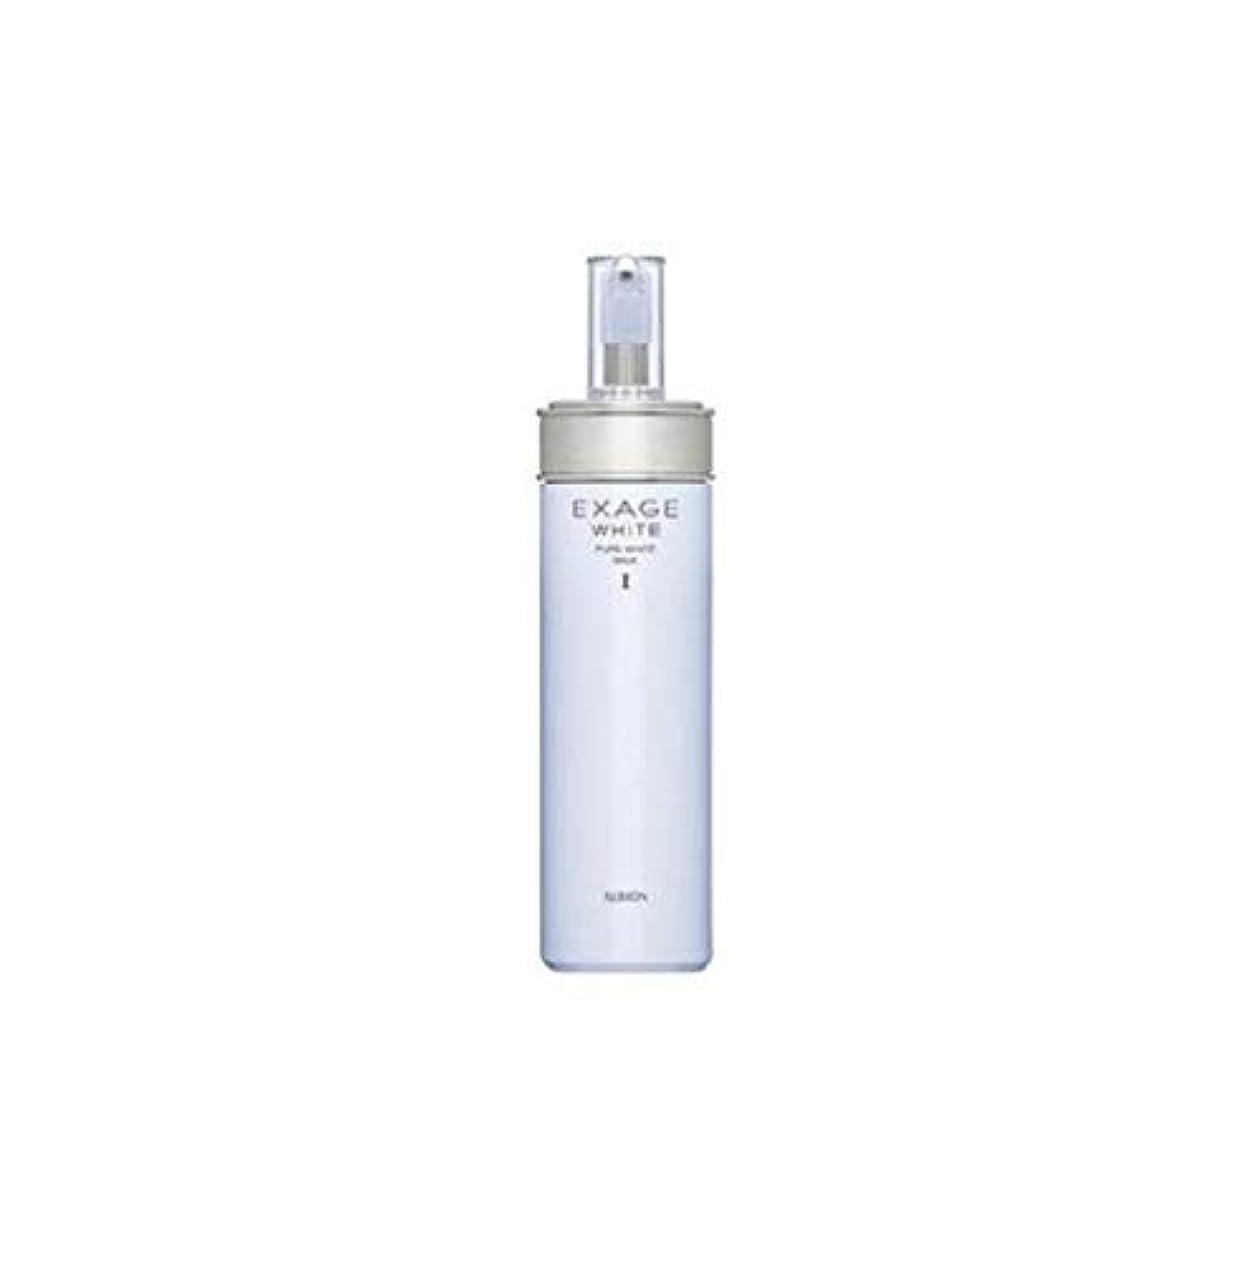 バスケットボール出力プットALBION(アルビオン) エクサージュホワイト ピュアホワイト ミルク I 200g [ 乳液 ]